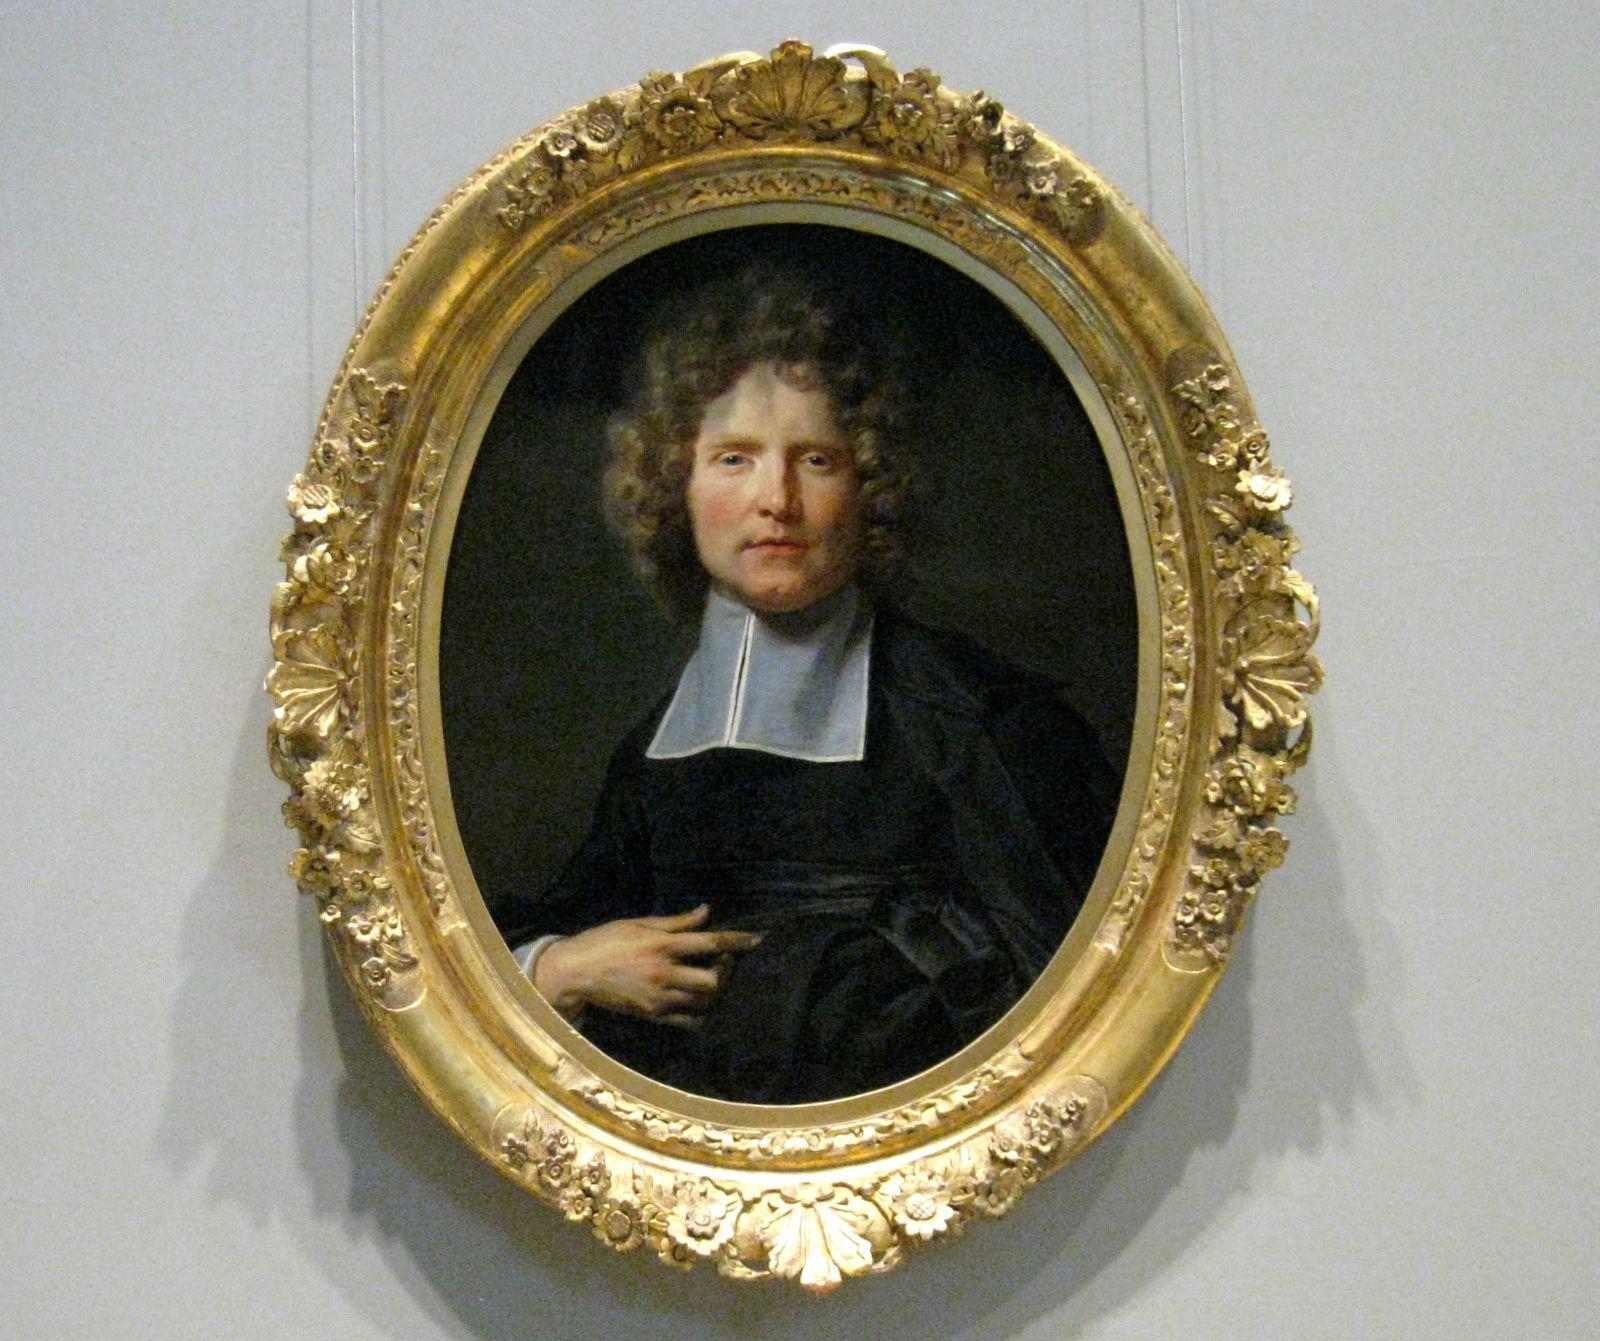 Jean-Baptiste Jouvenet, portrait de chanoine